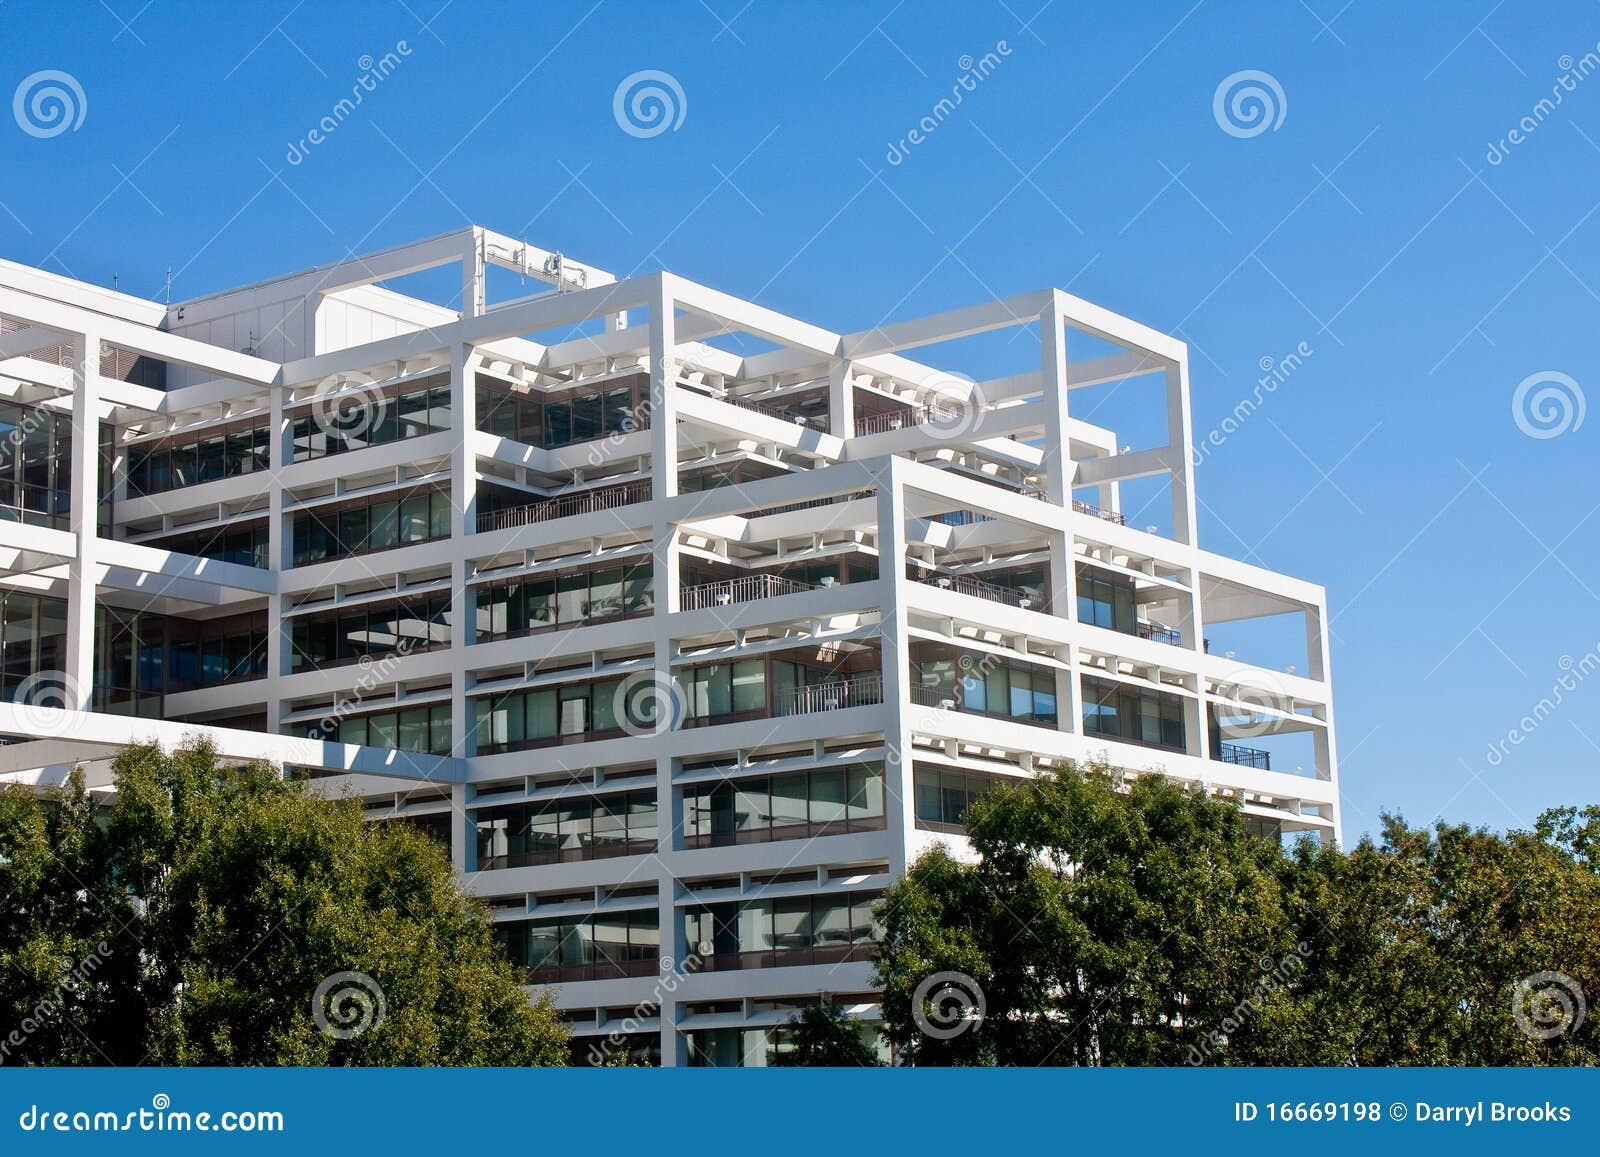 Immeuble de bureaux en terrasse blanc sur le ciel bleu for Immeuble bureau moderne